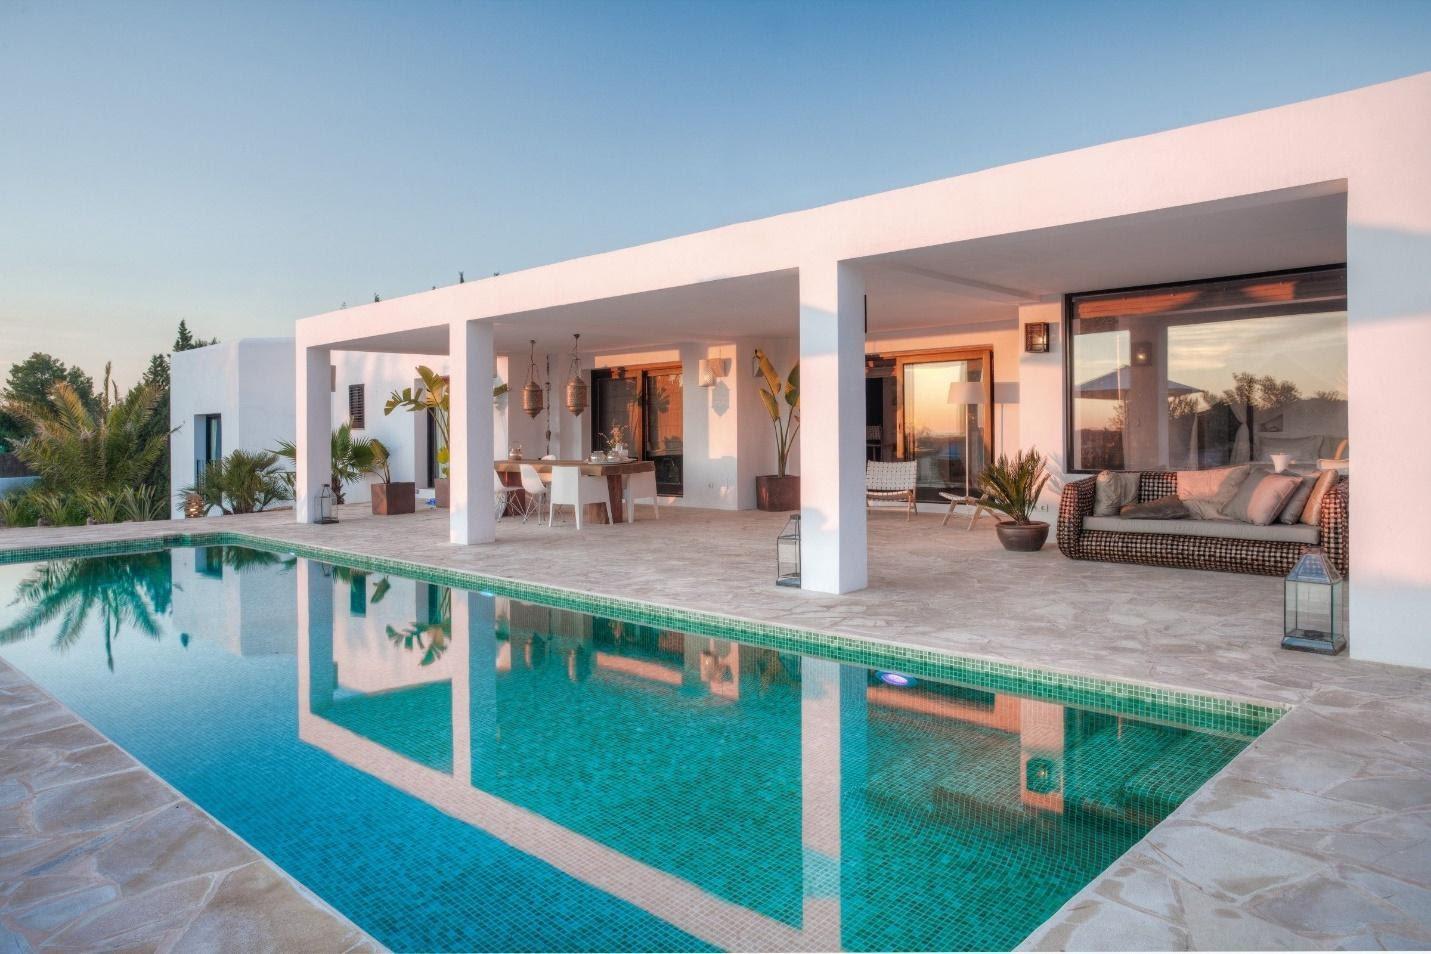 7 Desain Dan Denah Rumah Mewah Terbaru 2020 Elegan Dan Minimalis